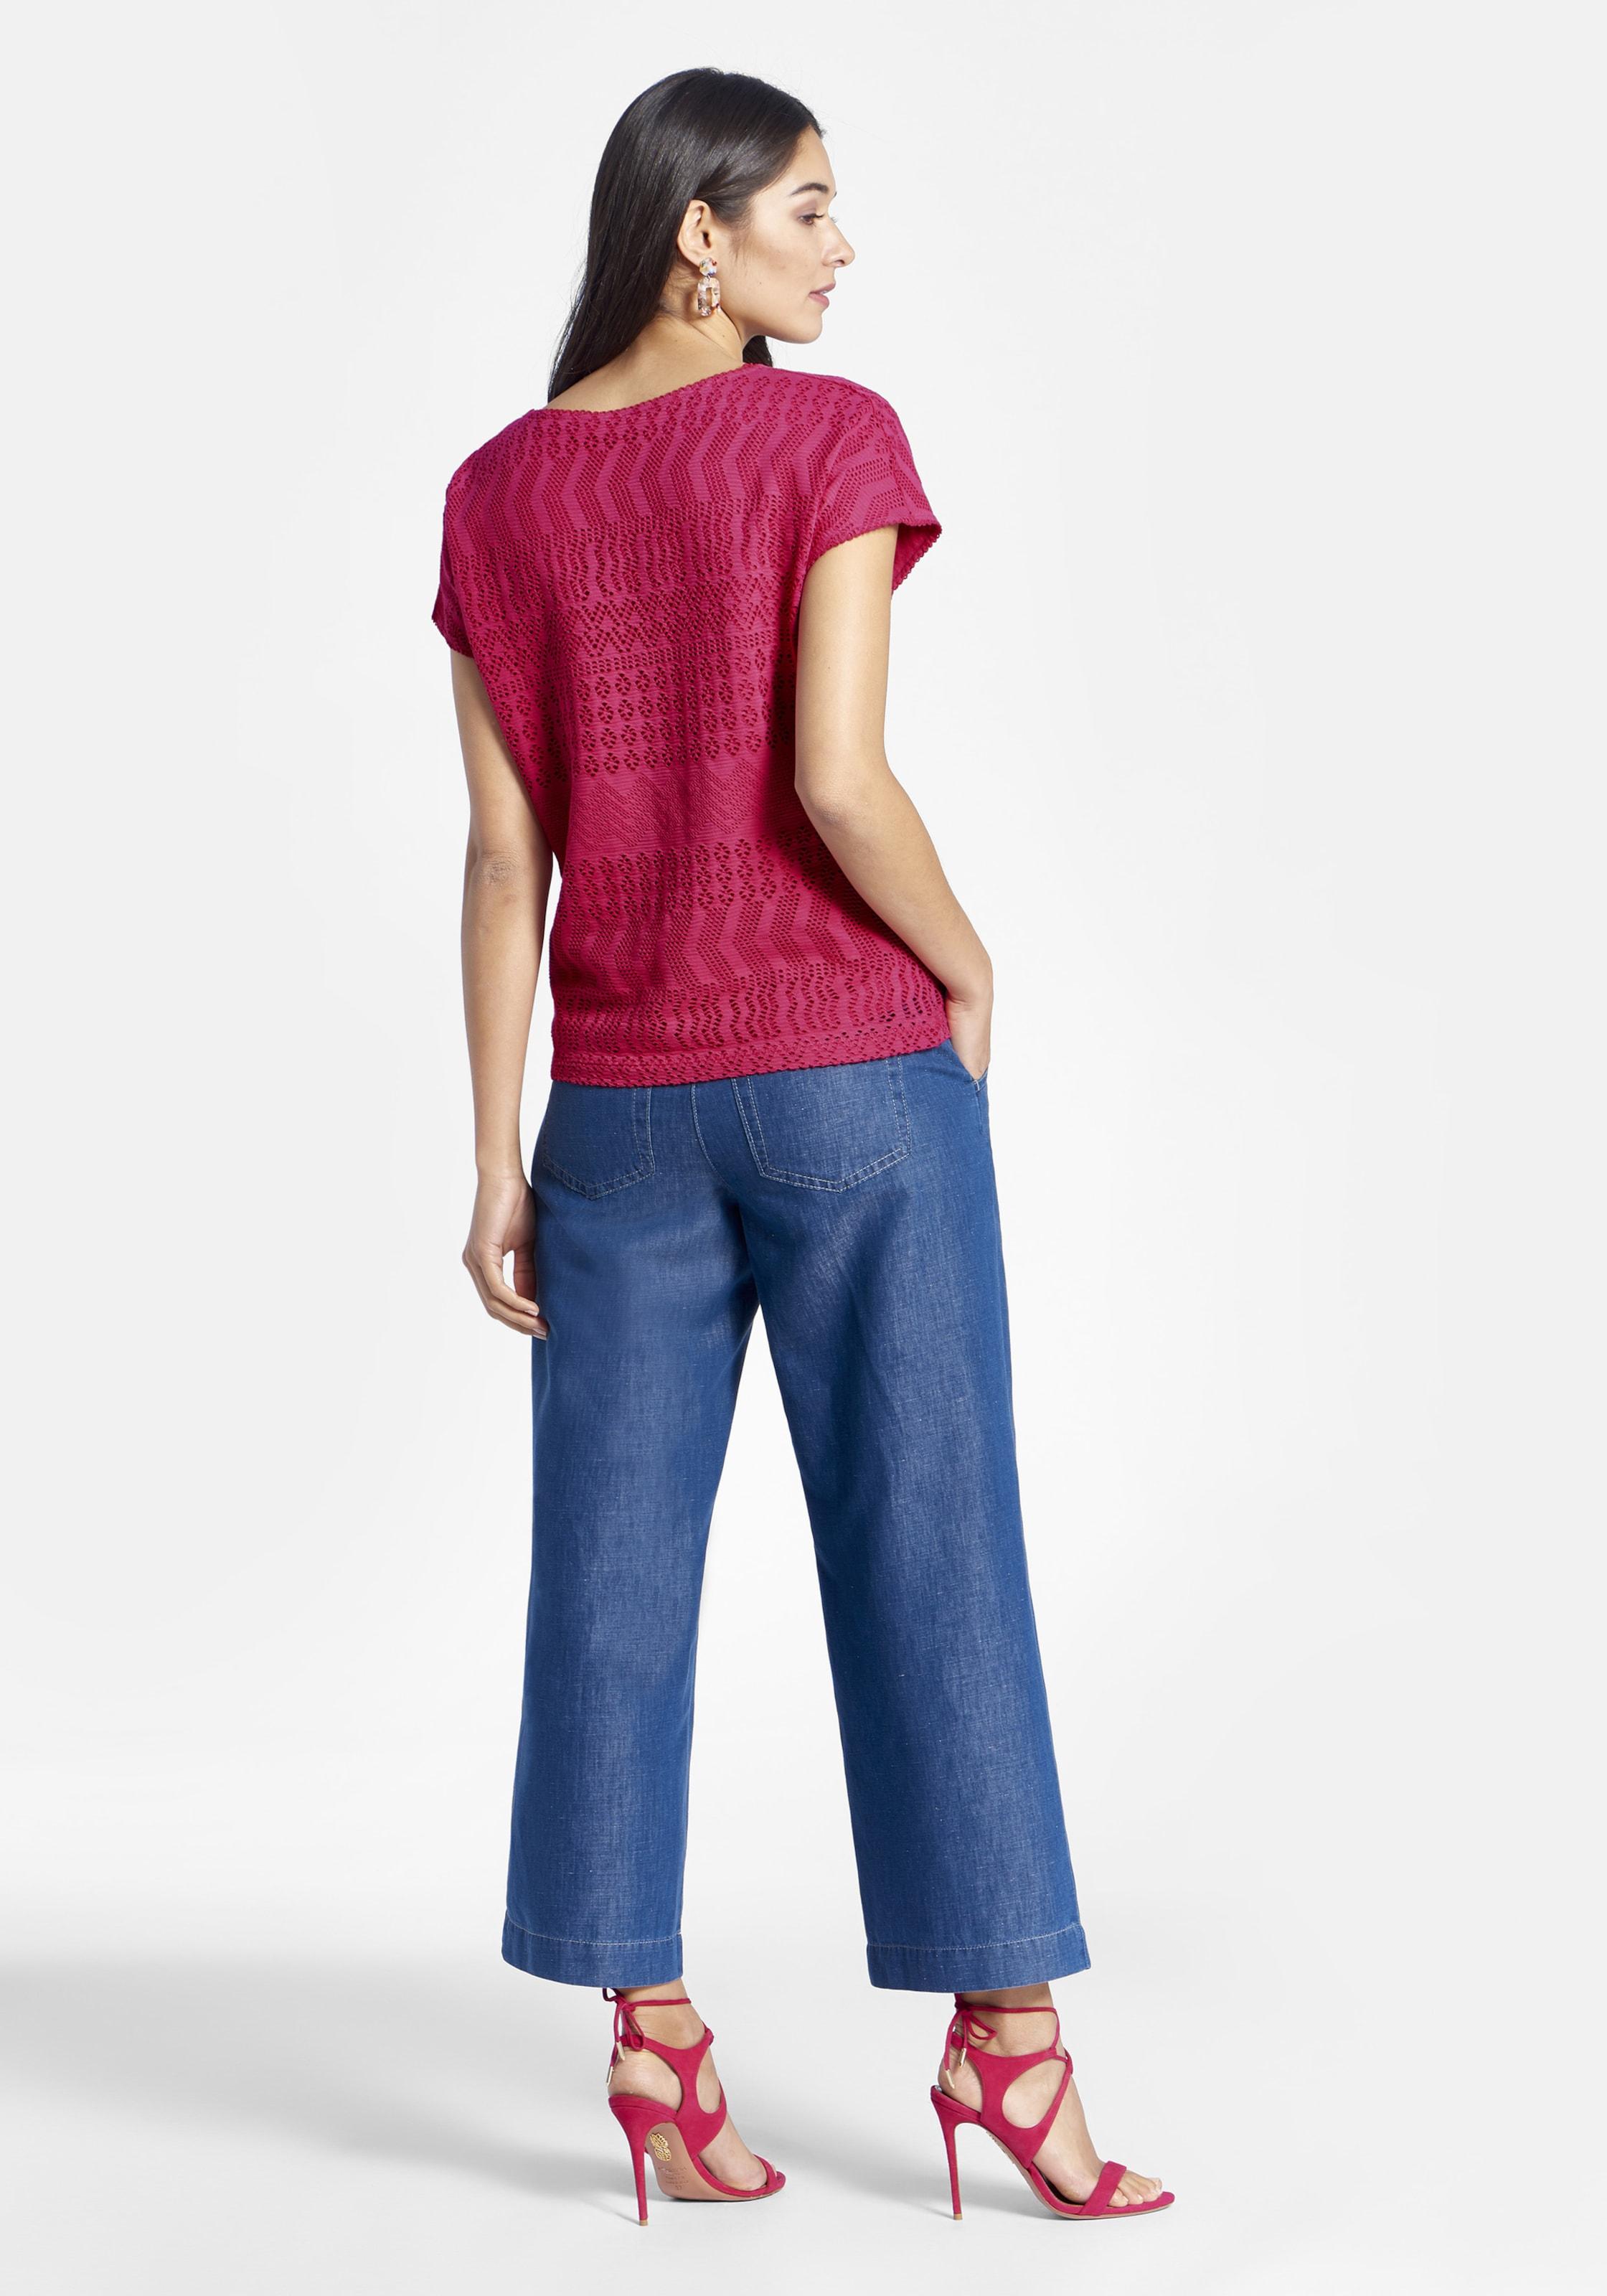 Pink Peter Hahn Shirt In Peter uFK1JTlc3